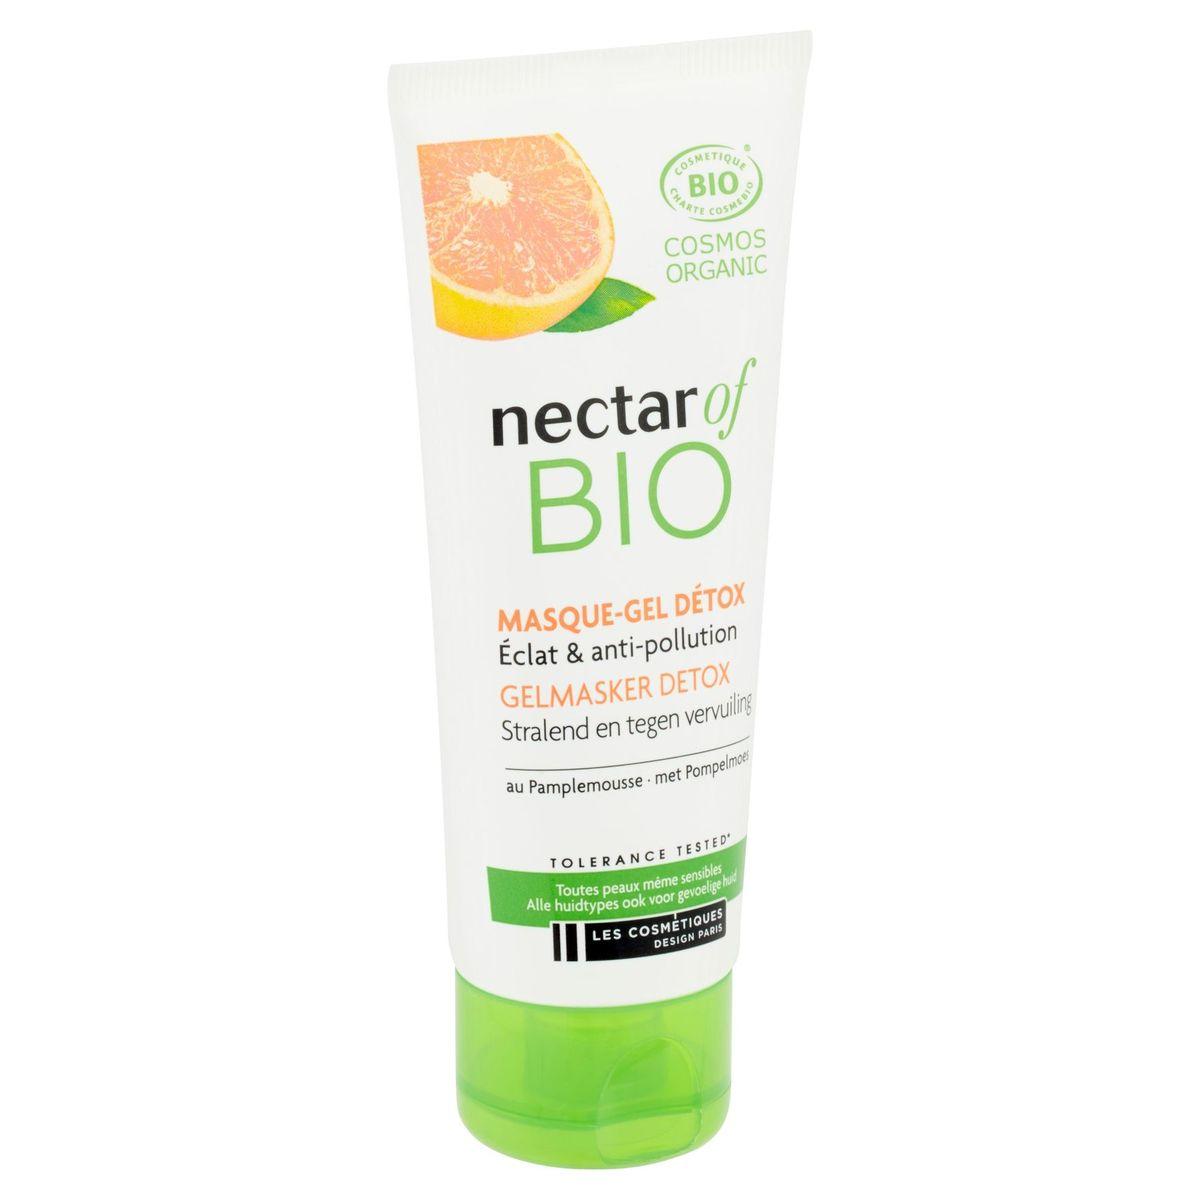 Nectar of Bio Gelmasker Detox 75 ml